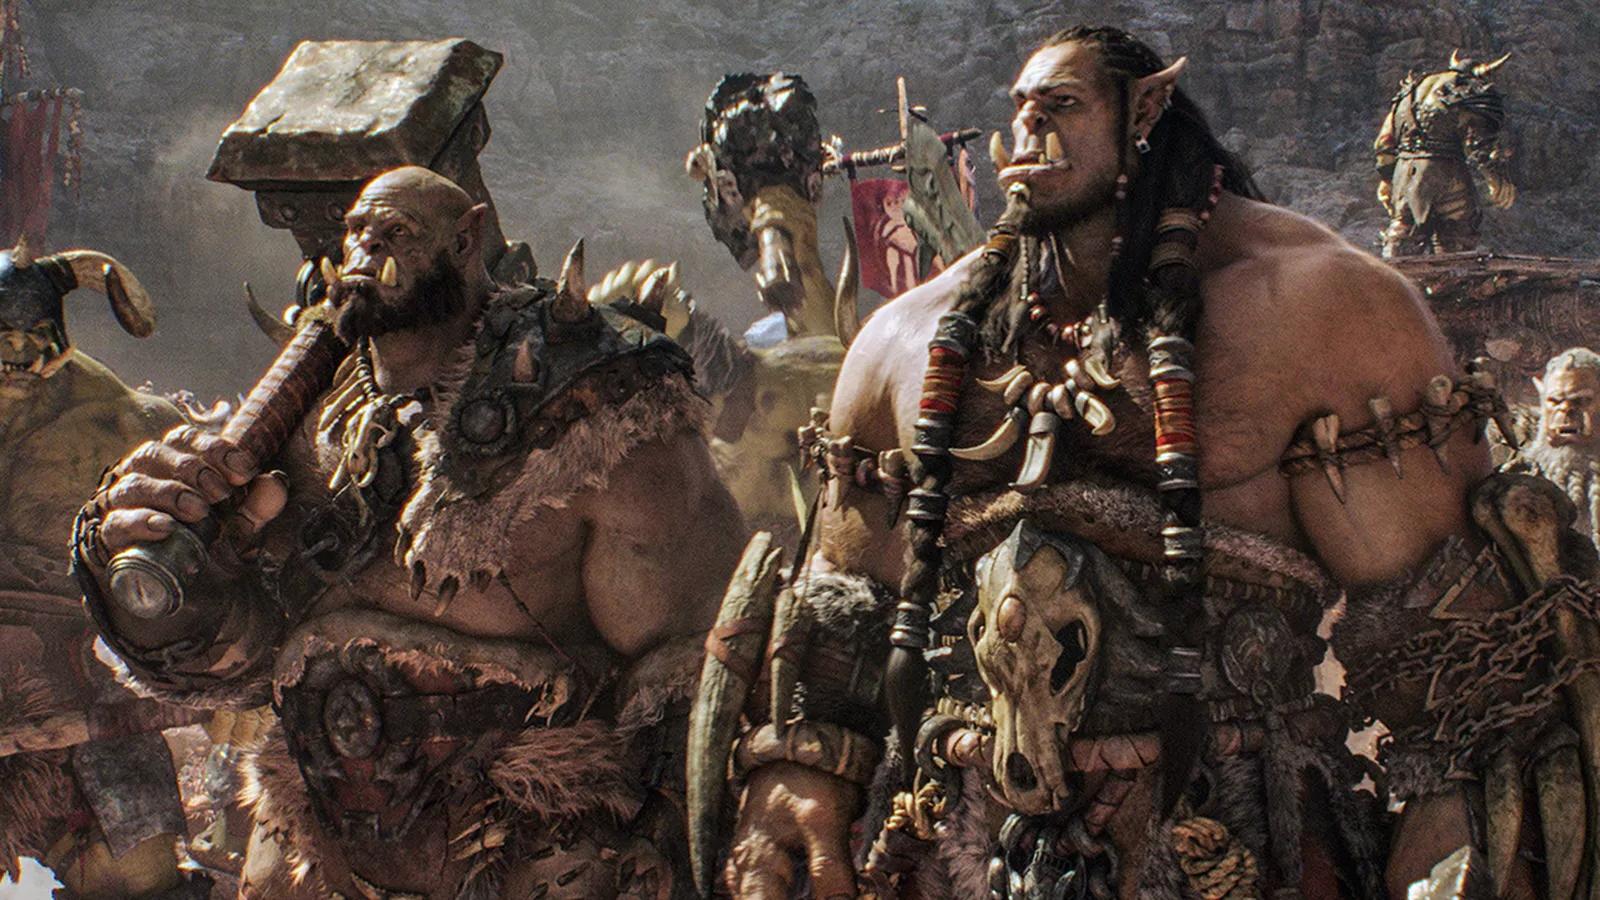 World of Warcraft Movie Sequel Blizzard Entertainment